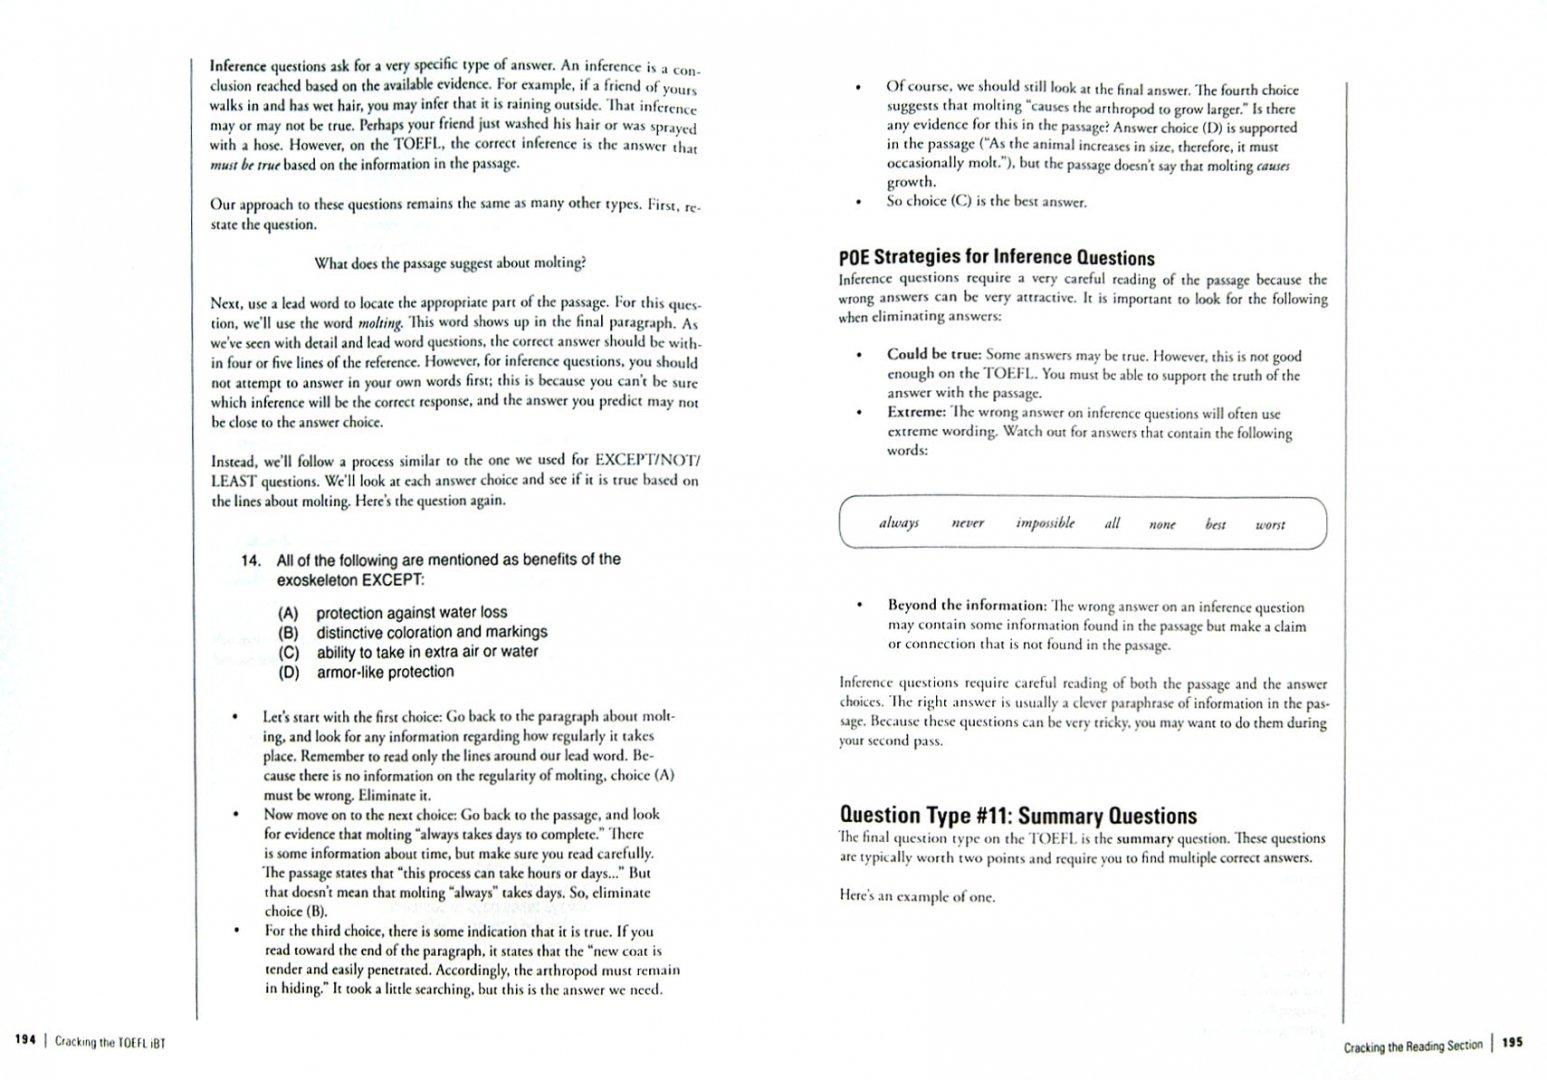 Иллюстрация 1 из 8 для Cracking TOEFL iBT. 2014 Edition (+CD) - Pierce, Kinsell   Лабиринт - книги. Источник: Лабиринт